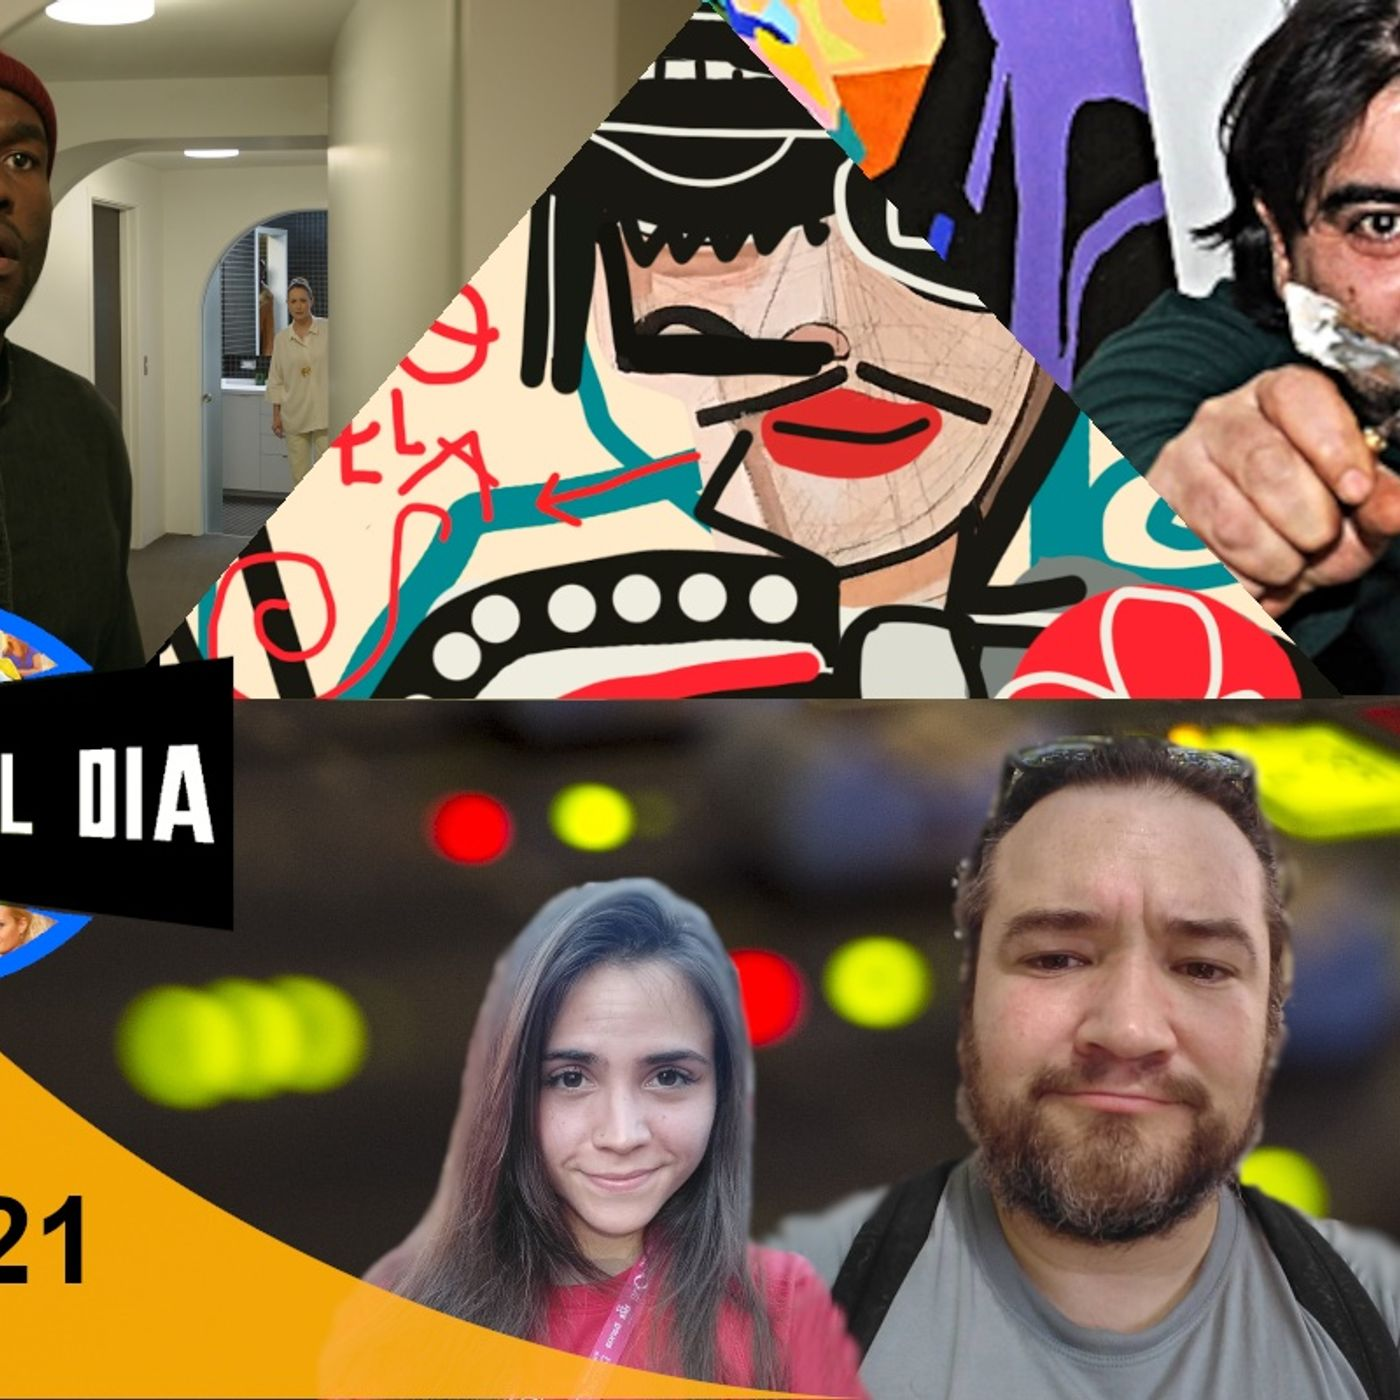 Cristina Pedroche y Dabiz Muñoz | Ponte al día 479 (24/06/21)